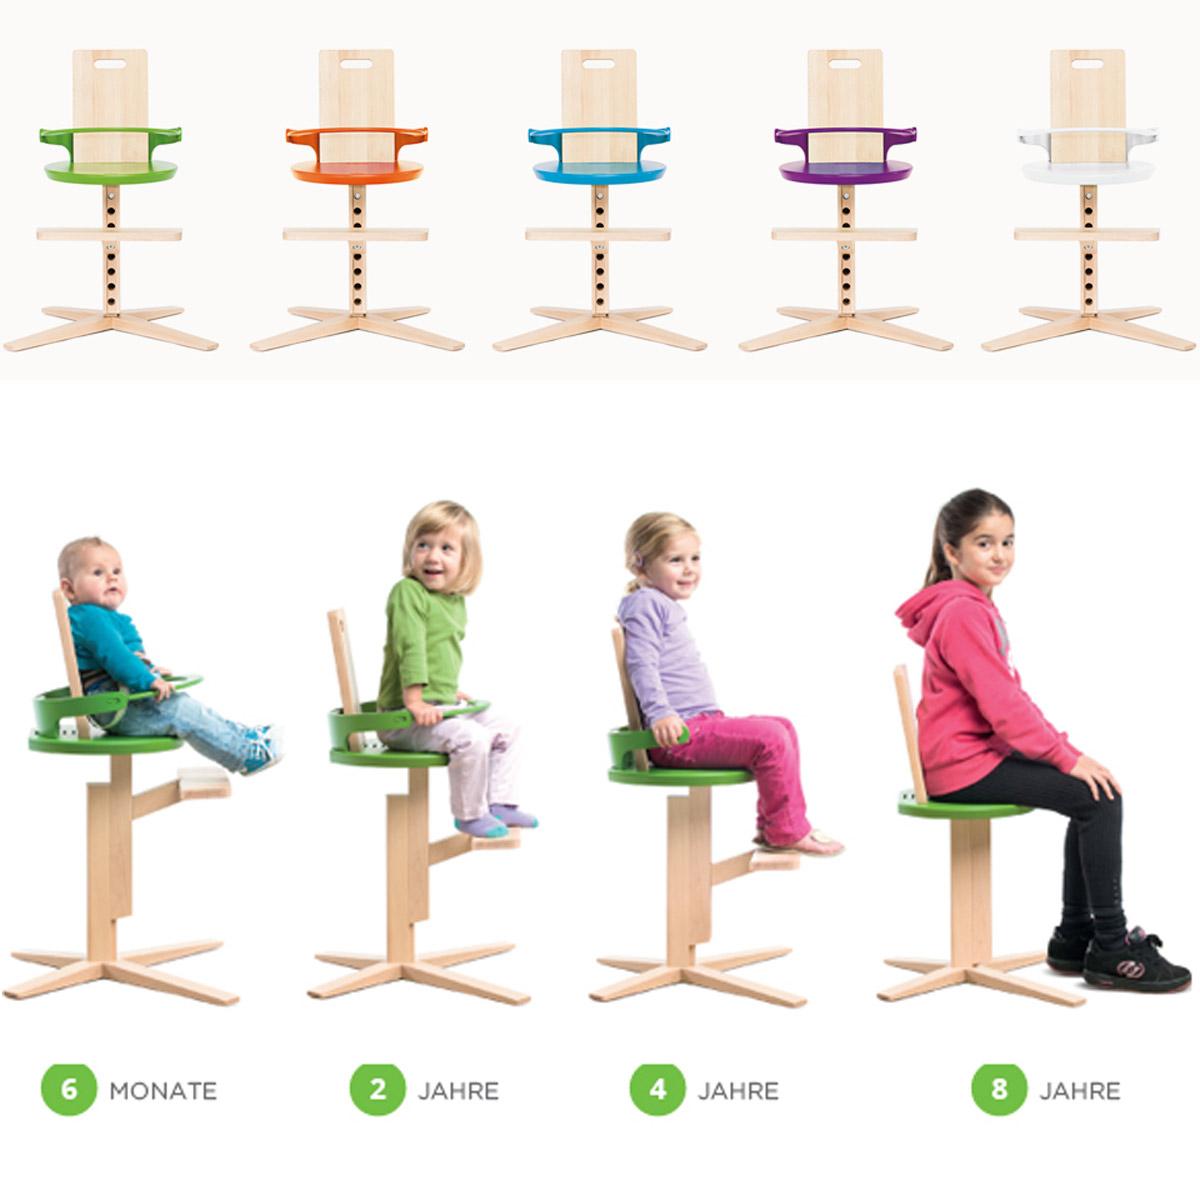 kinderhochstuhl babyhochstuhl aus holz von 0 bis 10 jahre hohe stabilit t ebay. Black Bedroom Furniture Sets. Home Design Ideas